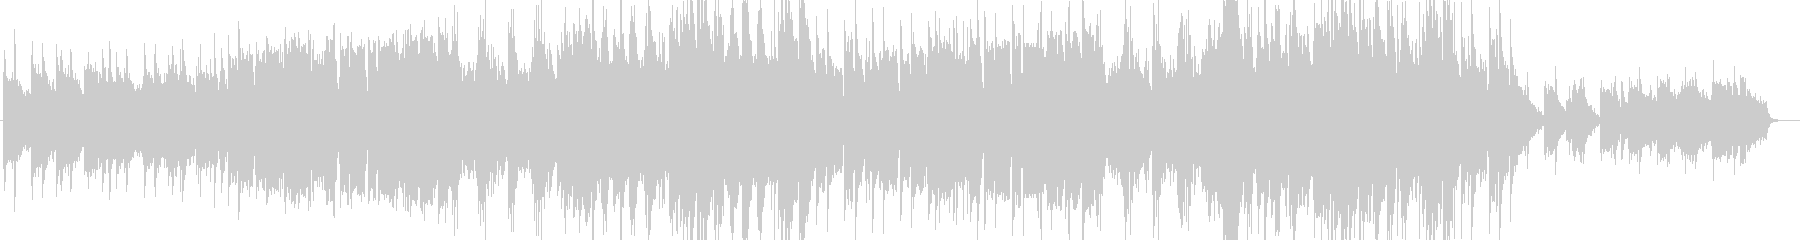 優しく壮大なシンセサイザーサウンドの未再生の波形